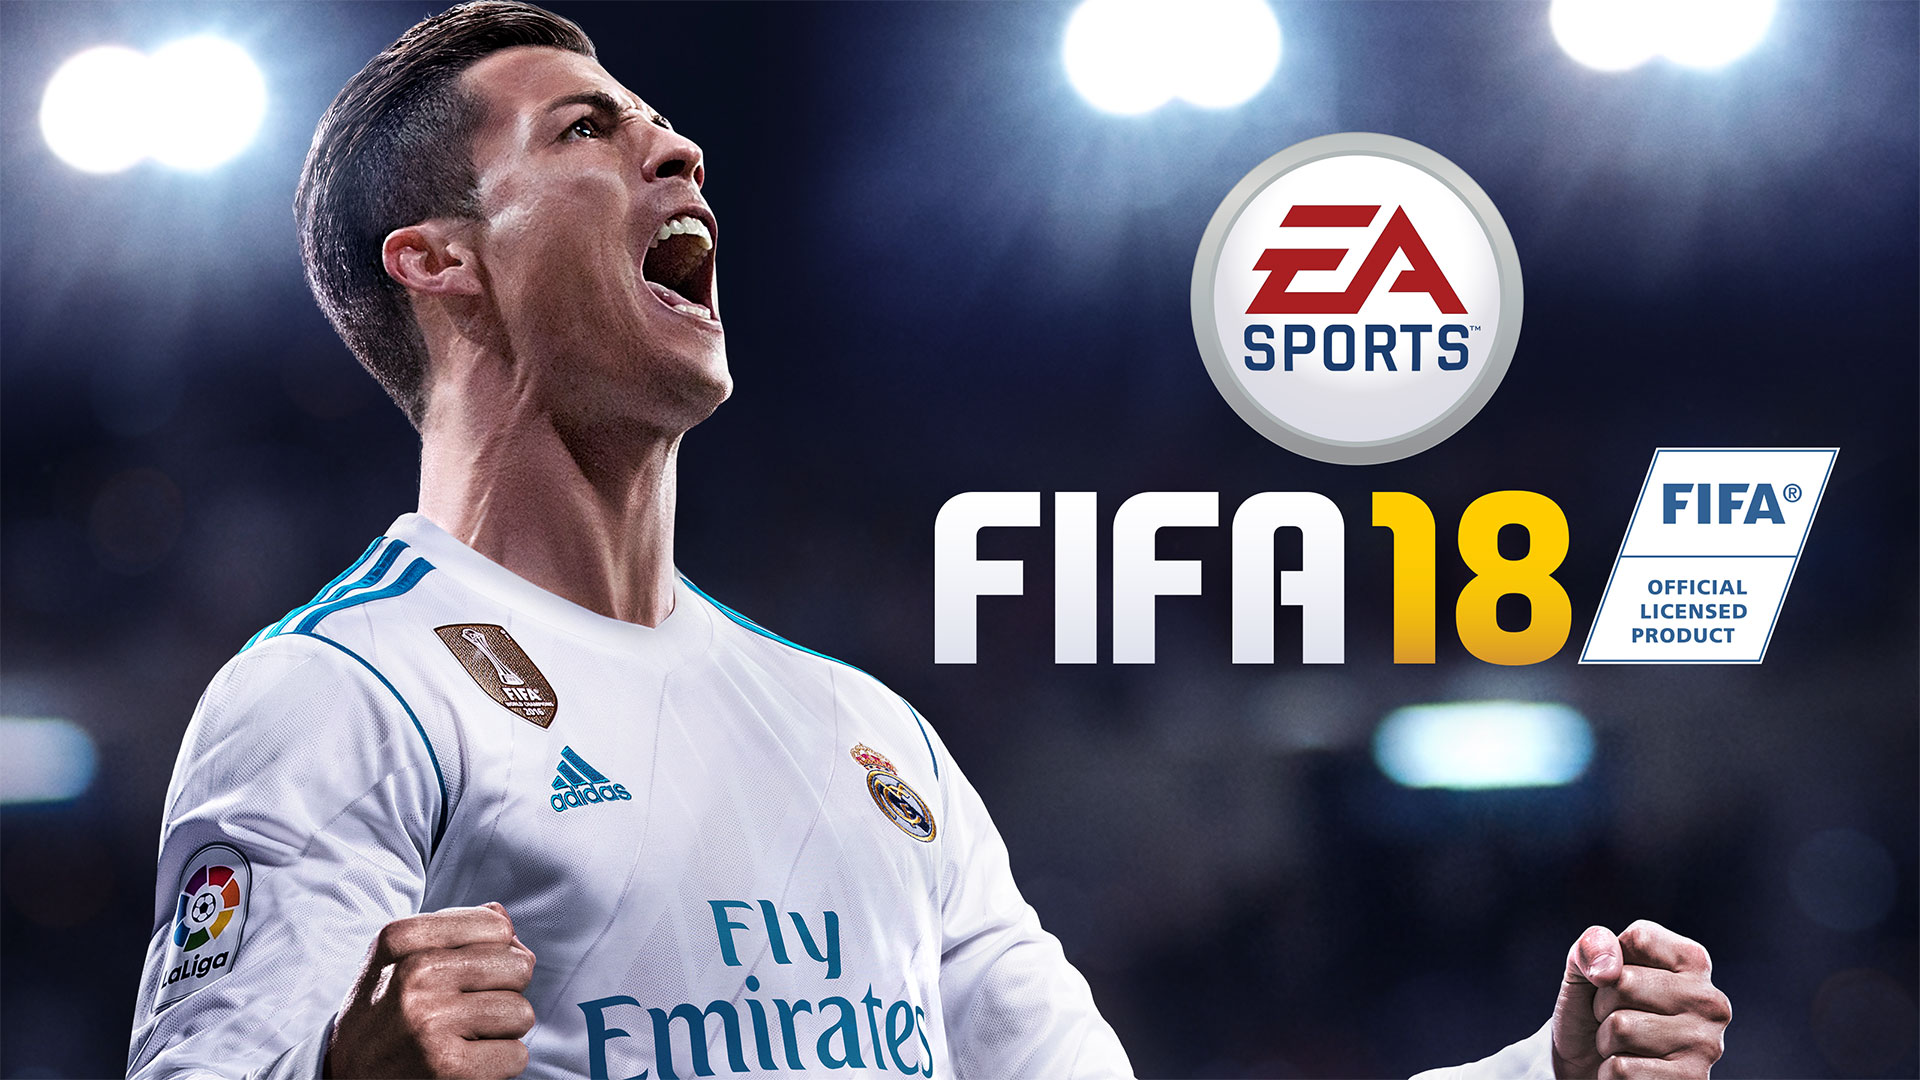 ニンテンドースイッチ:FIFA 18